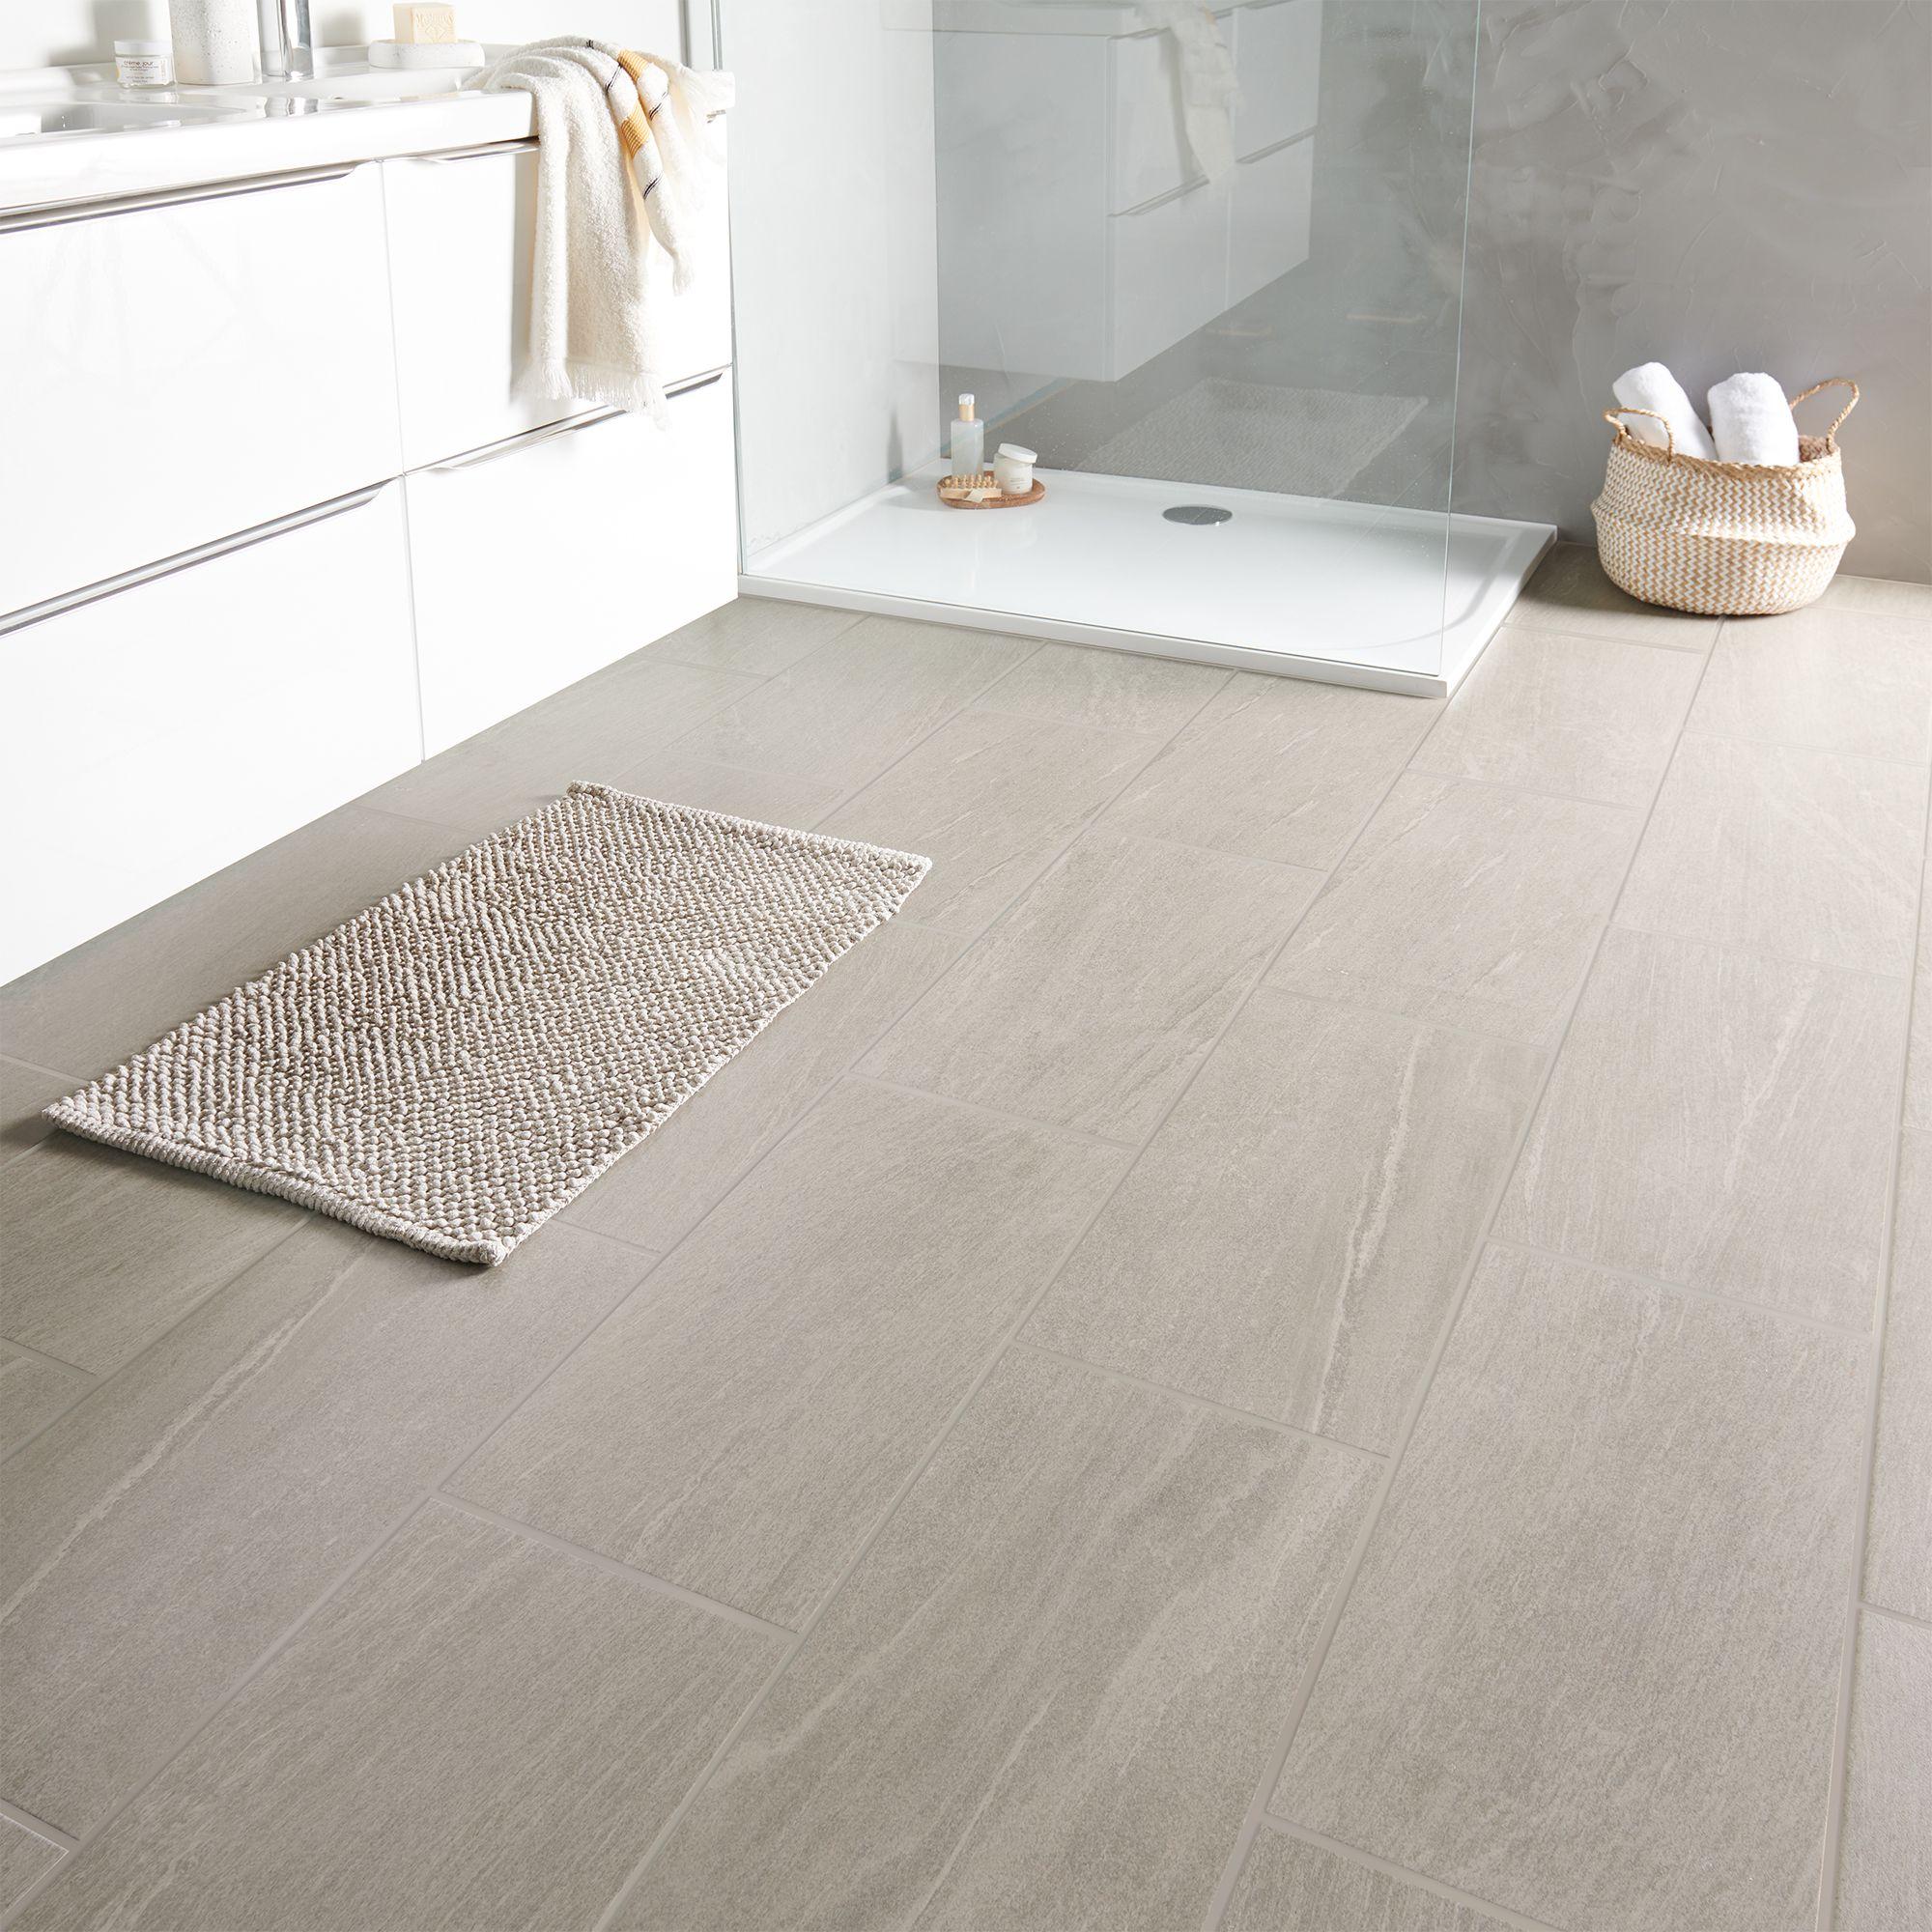 Natural Greige Satin Stone Effect Porcelain Floor Tile Pack Of 6